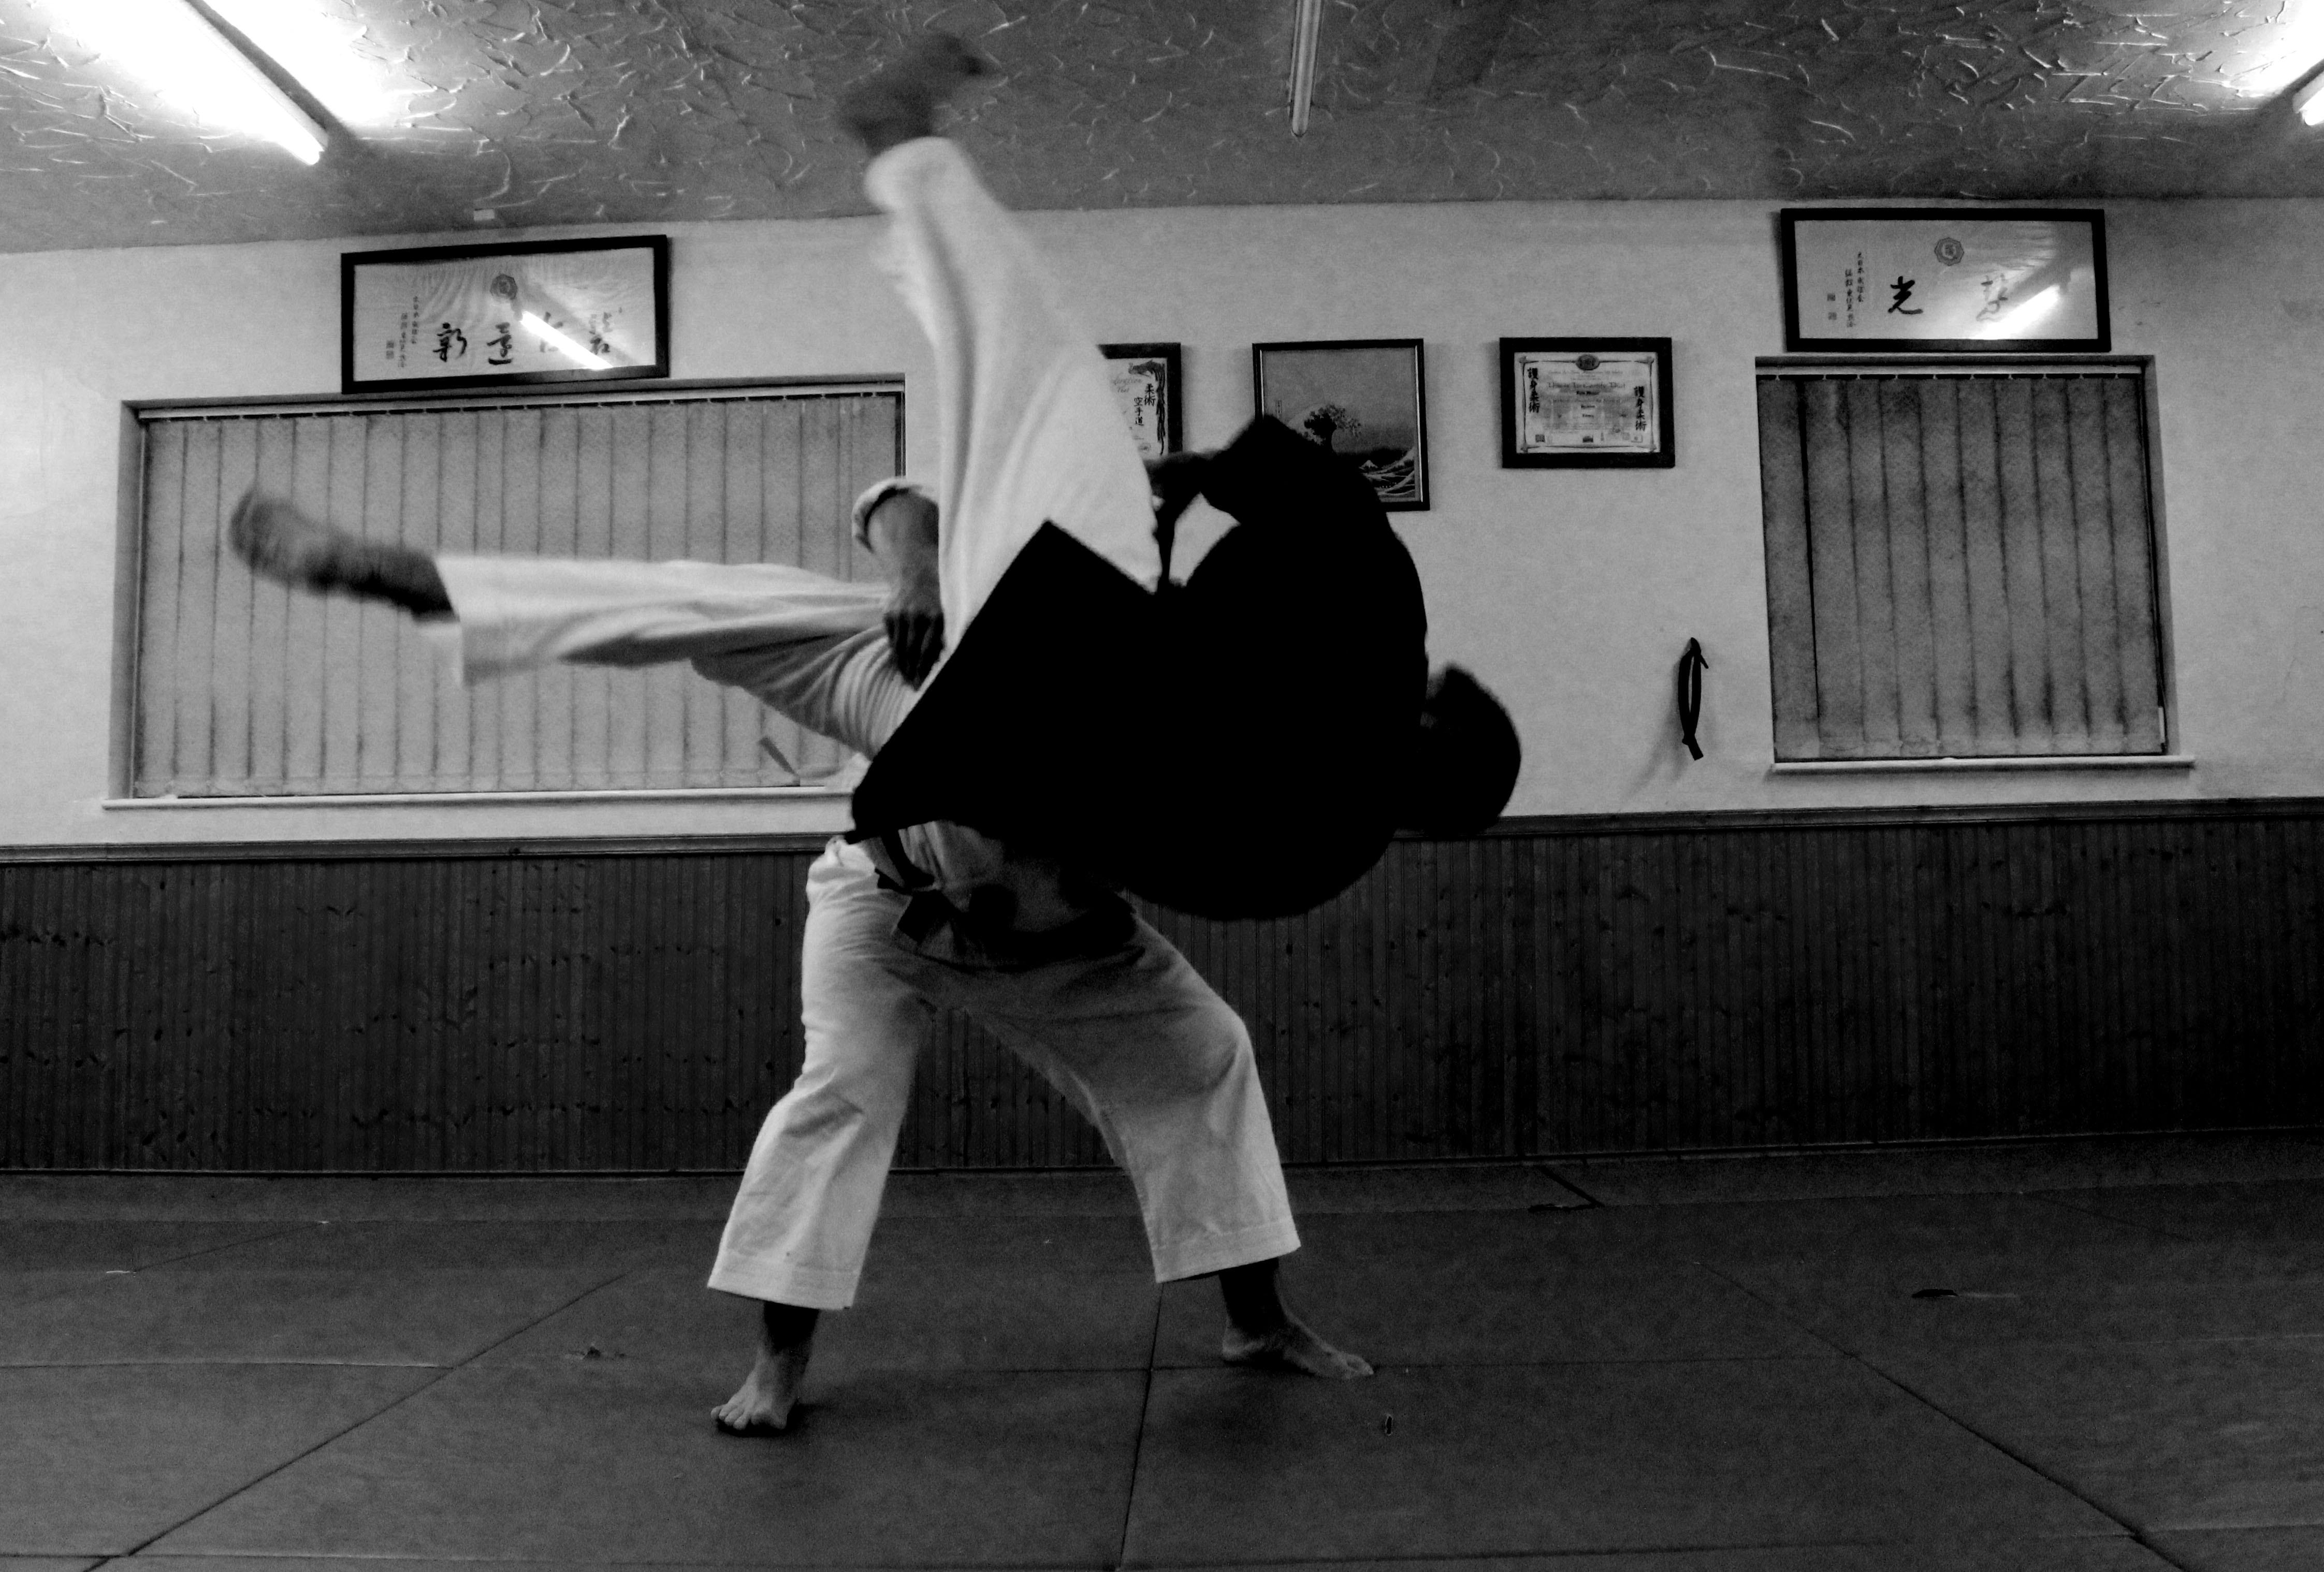 Adults Karate Jutsu 7:30-9:00